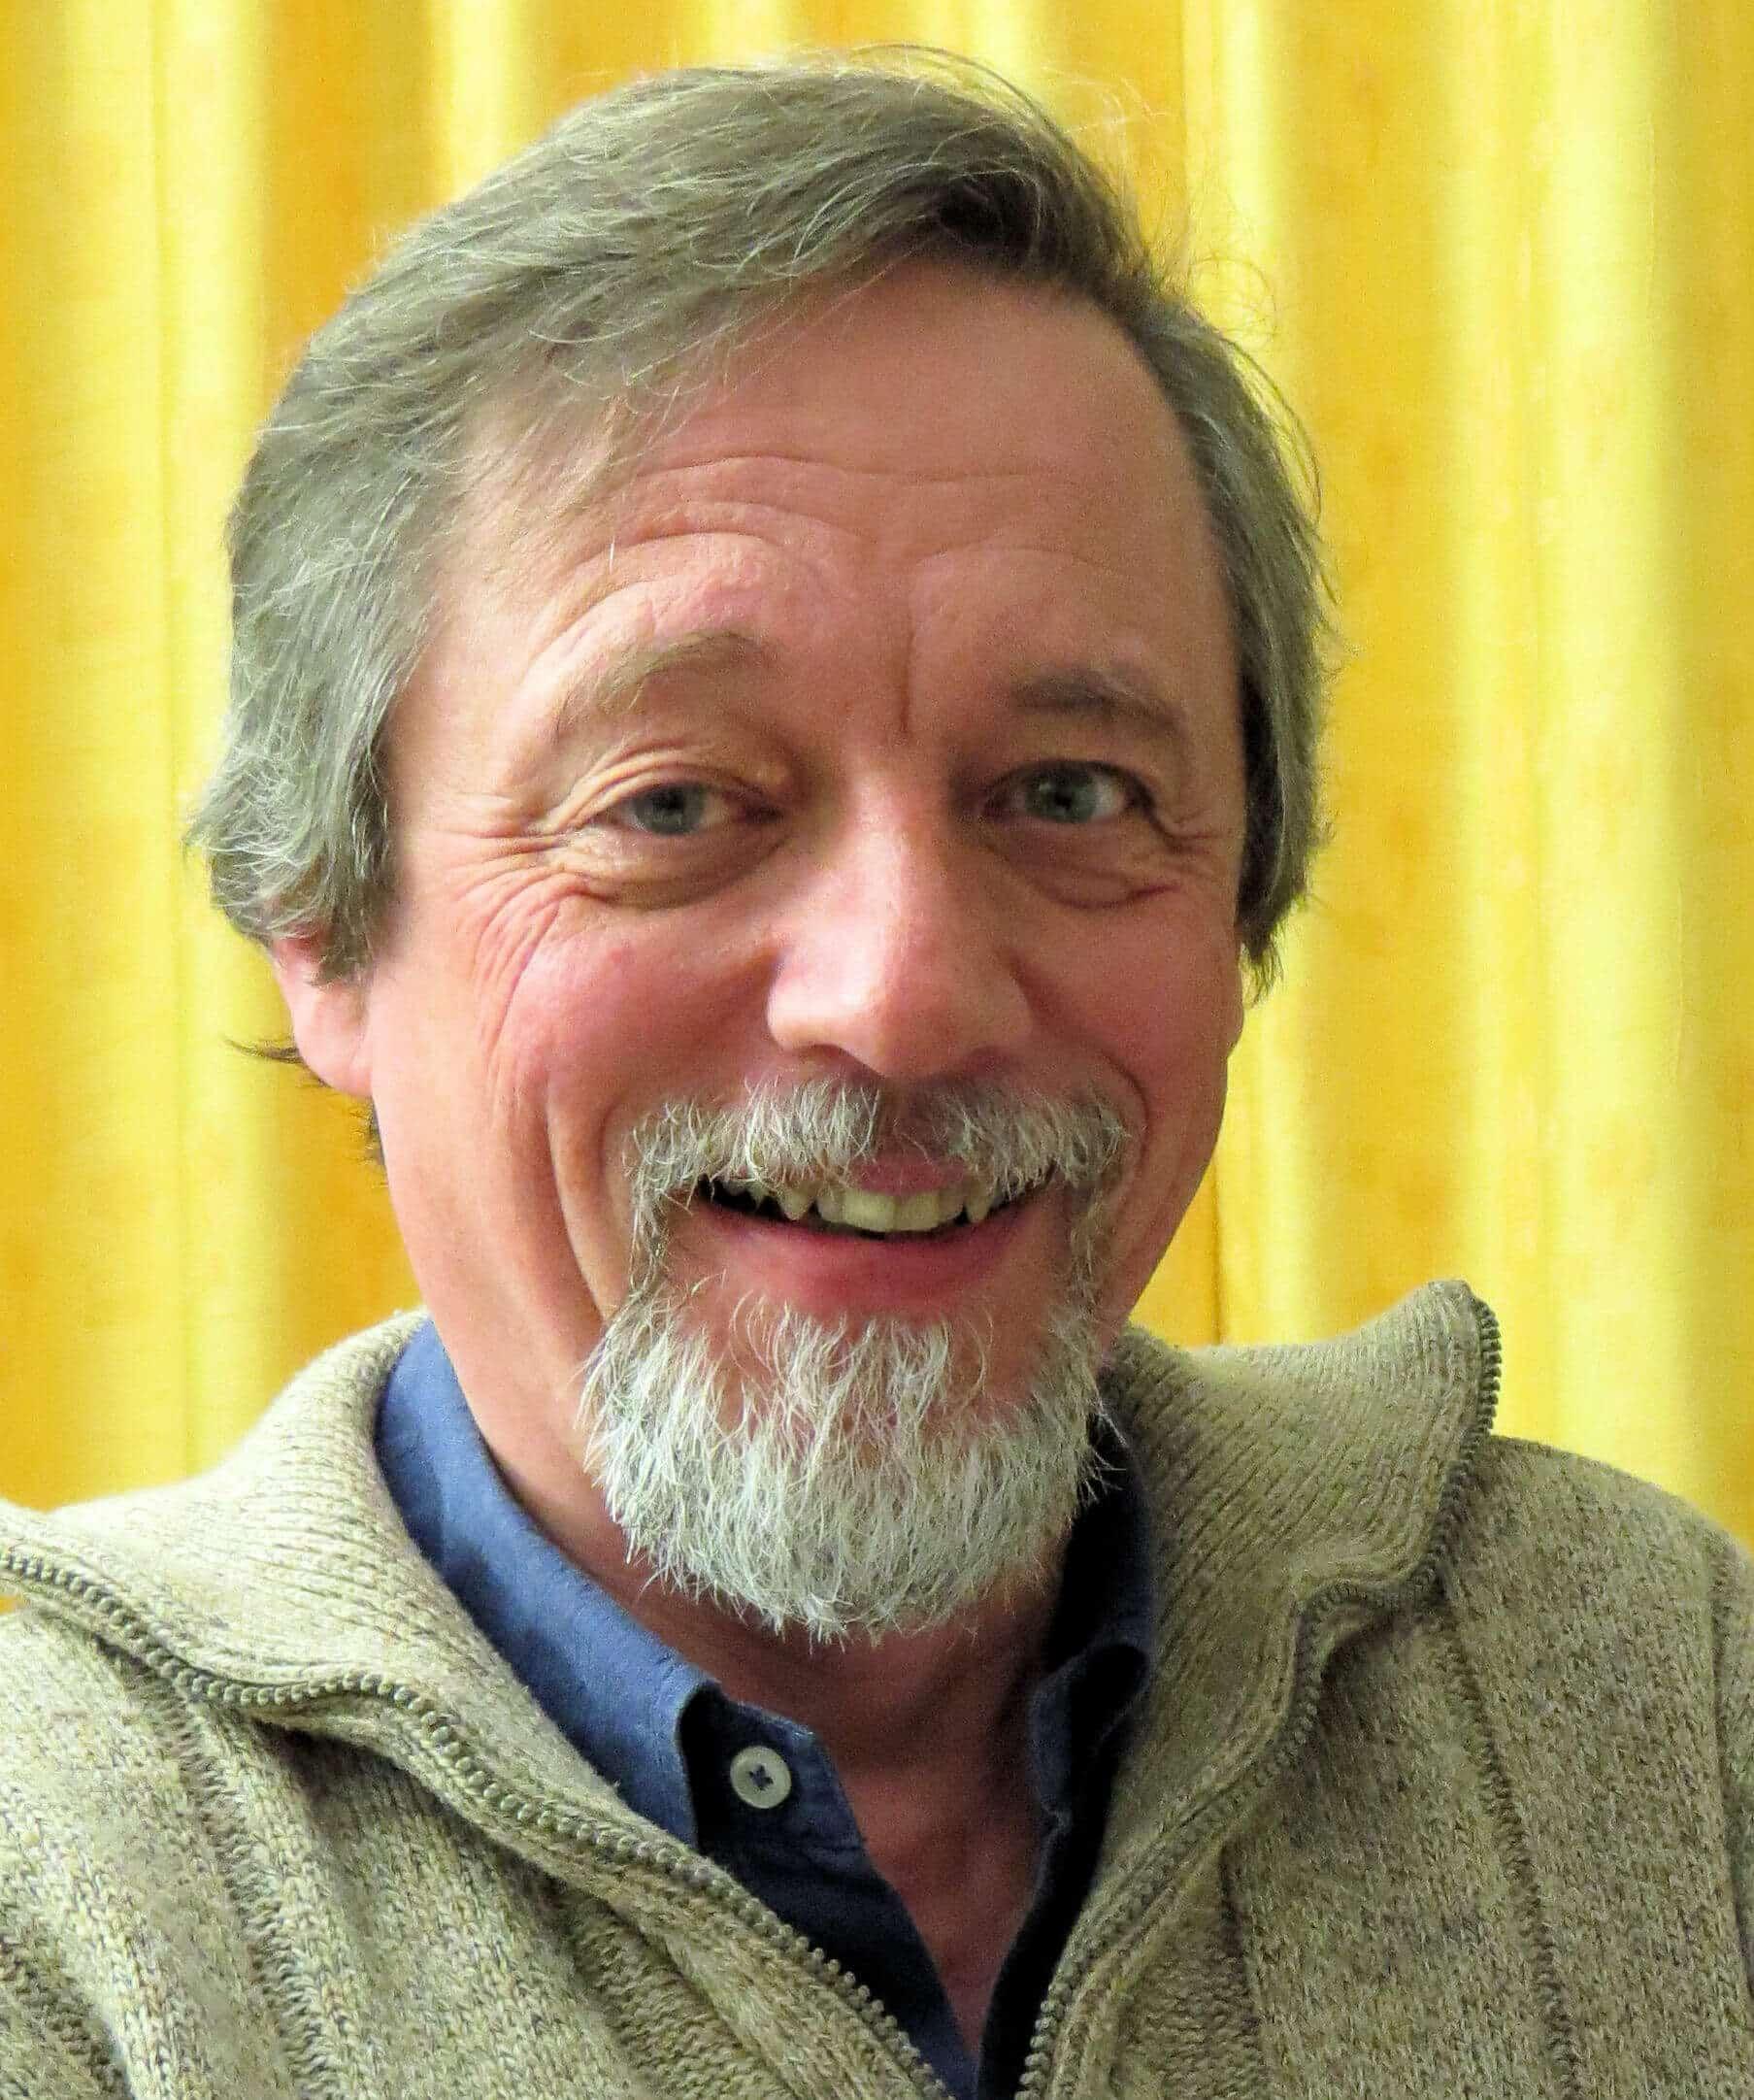 Frederik Schroyens